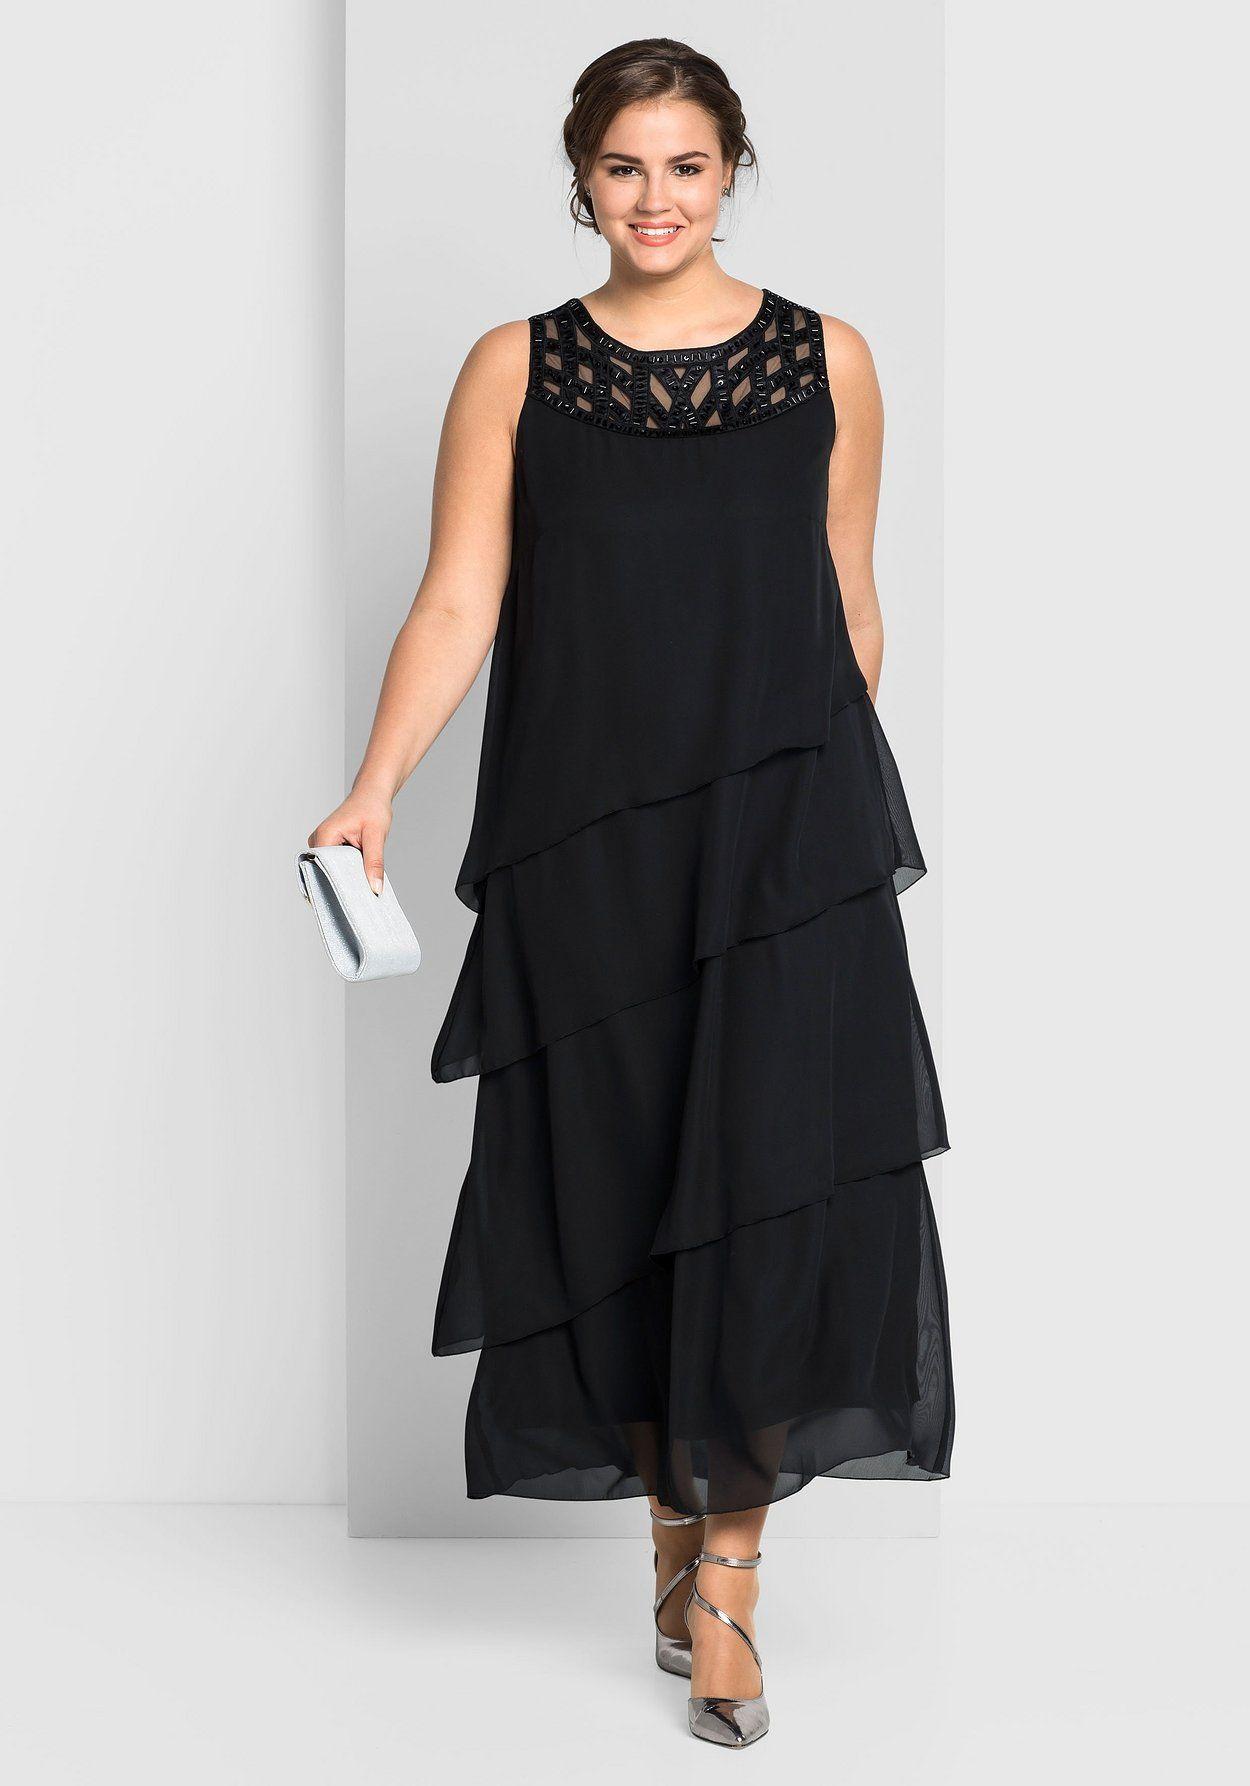 Abendkleid mit Pailletten  Abendkleid, Glamouröse kleider, Modestil